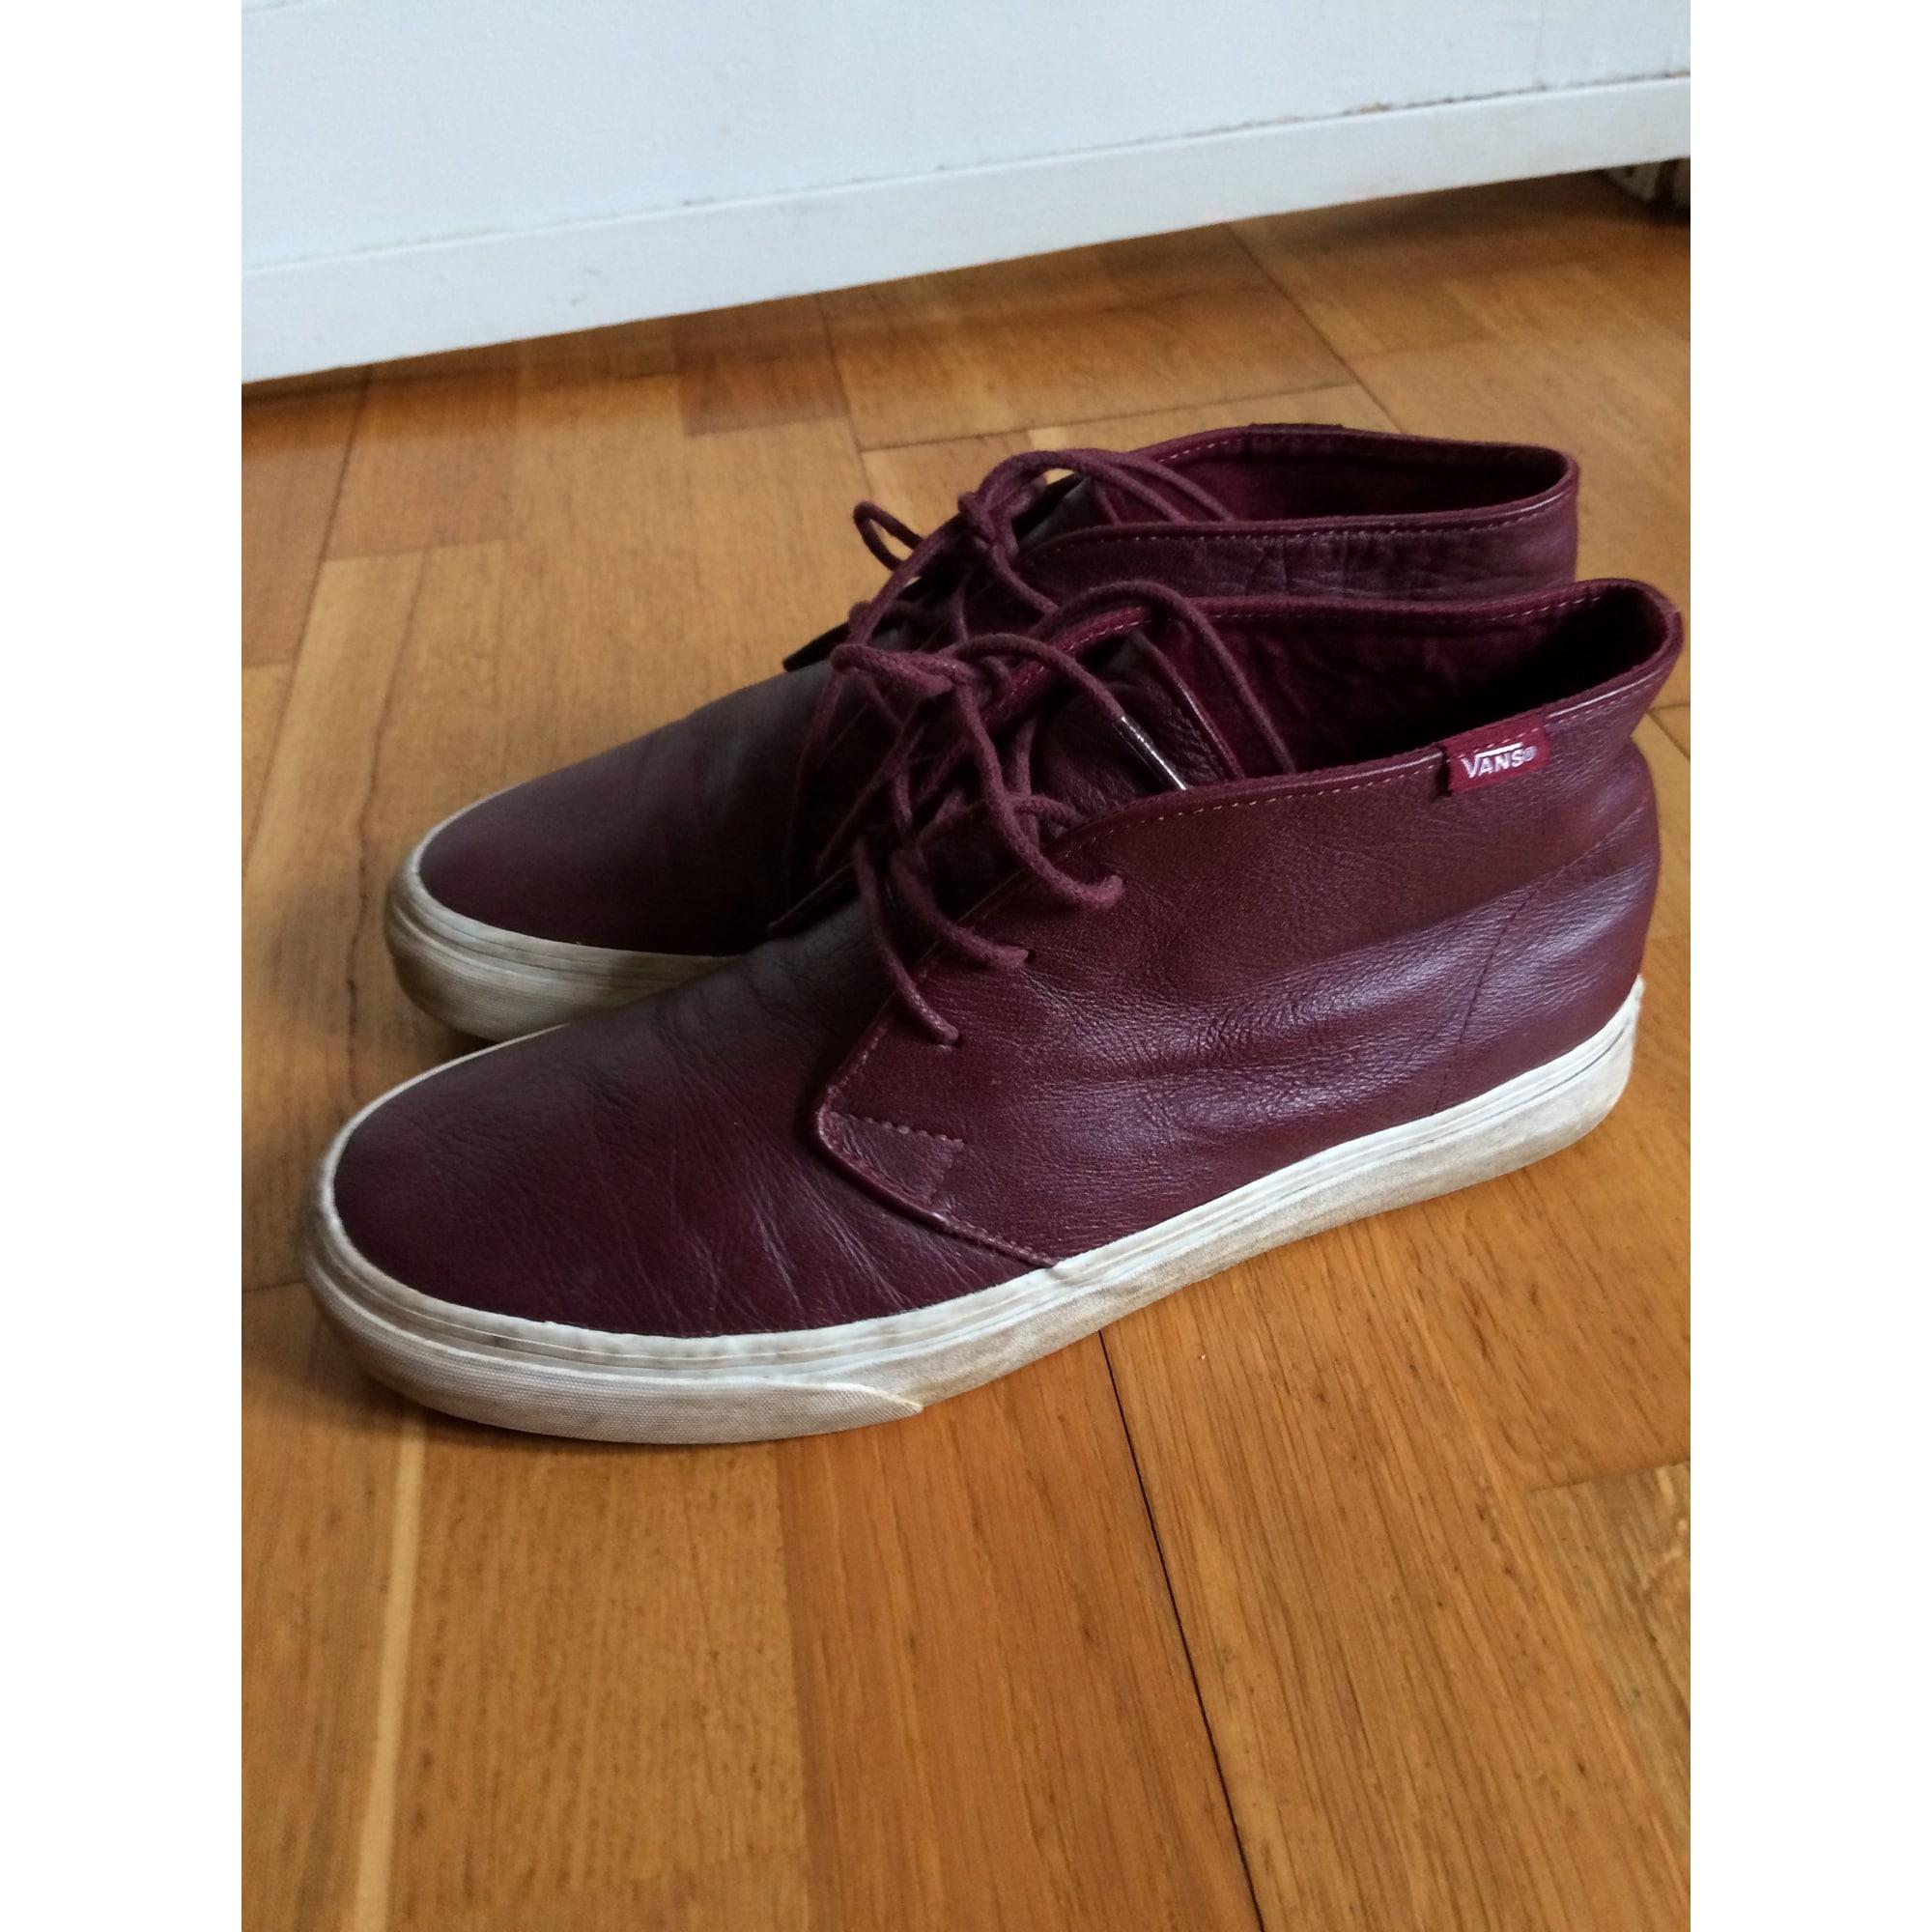 chaussures vans rouge bordaux